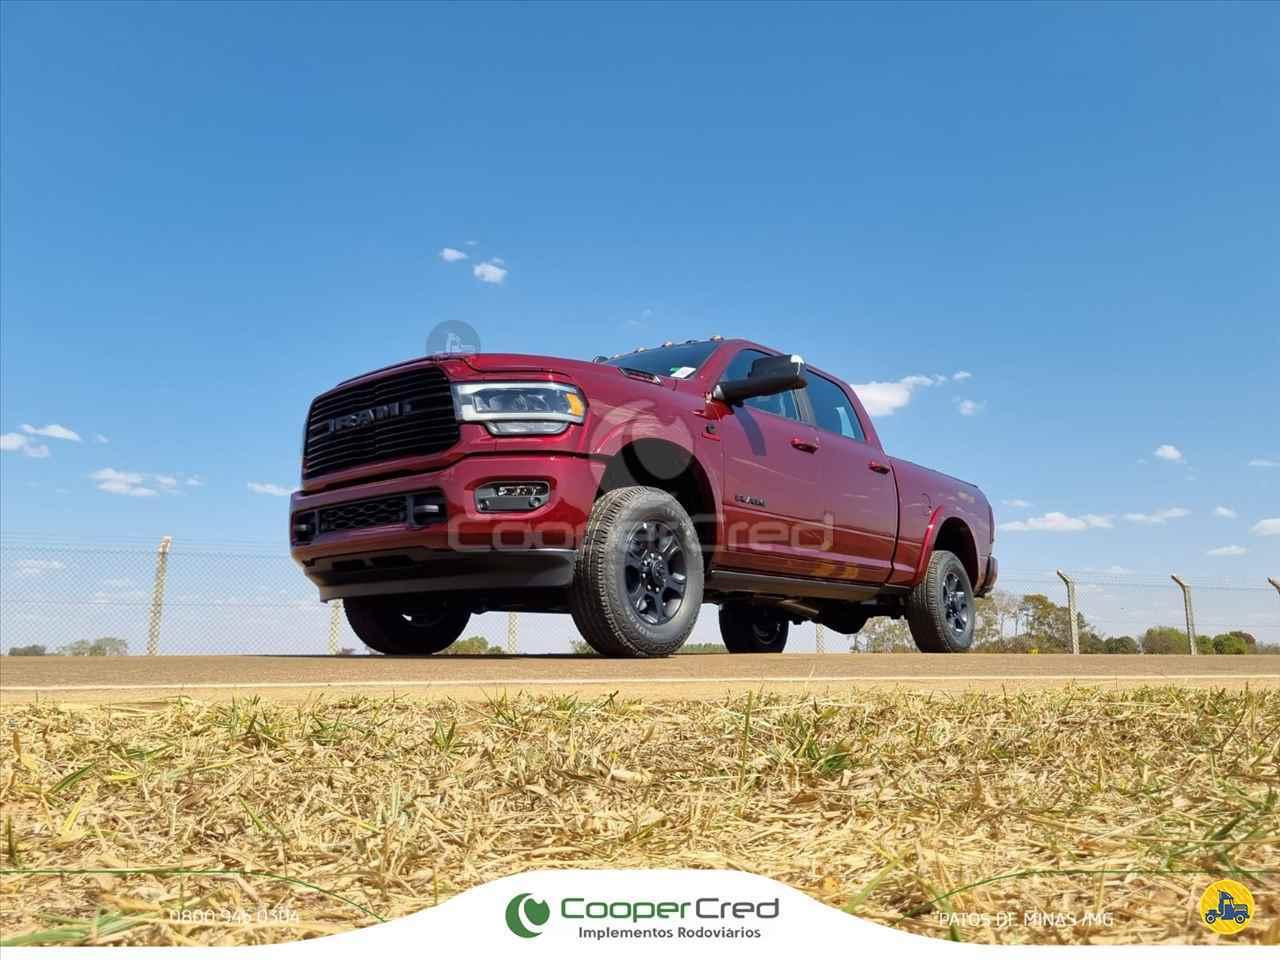 CARRO DODGE Ram 6.7 2500 Laramie Cooper Cred Implementos Rodoviários MG PATOS DE MINAS MINAS GERAIS MG